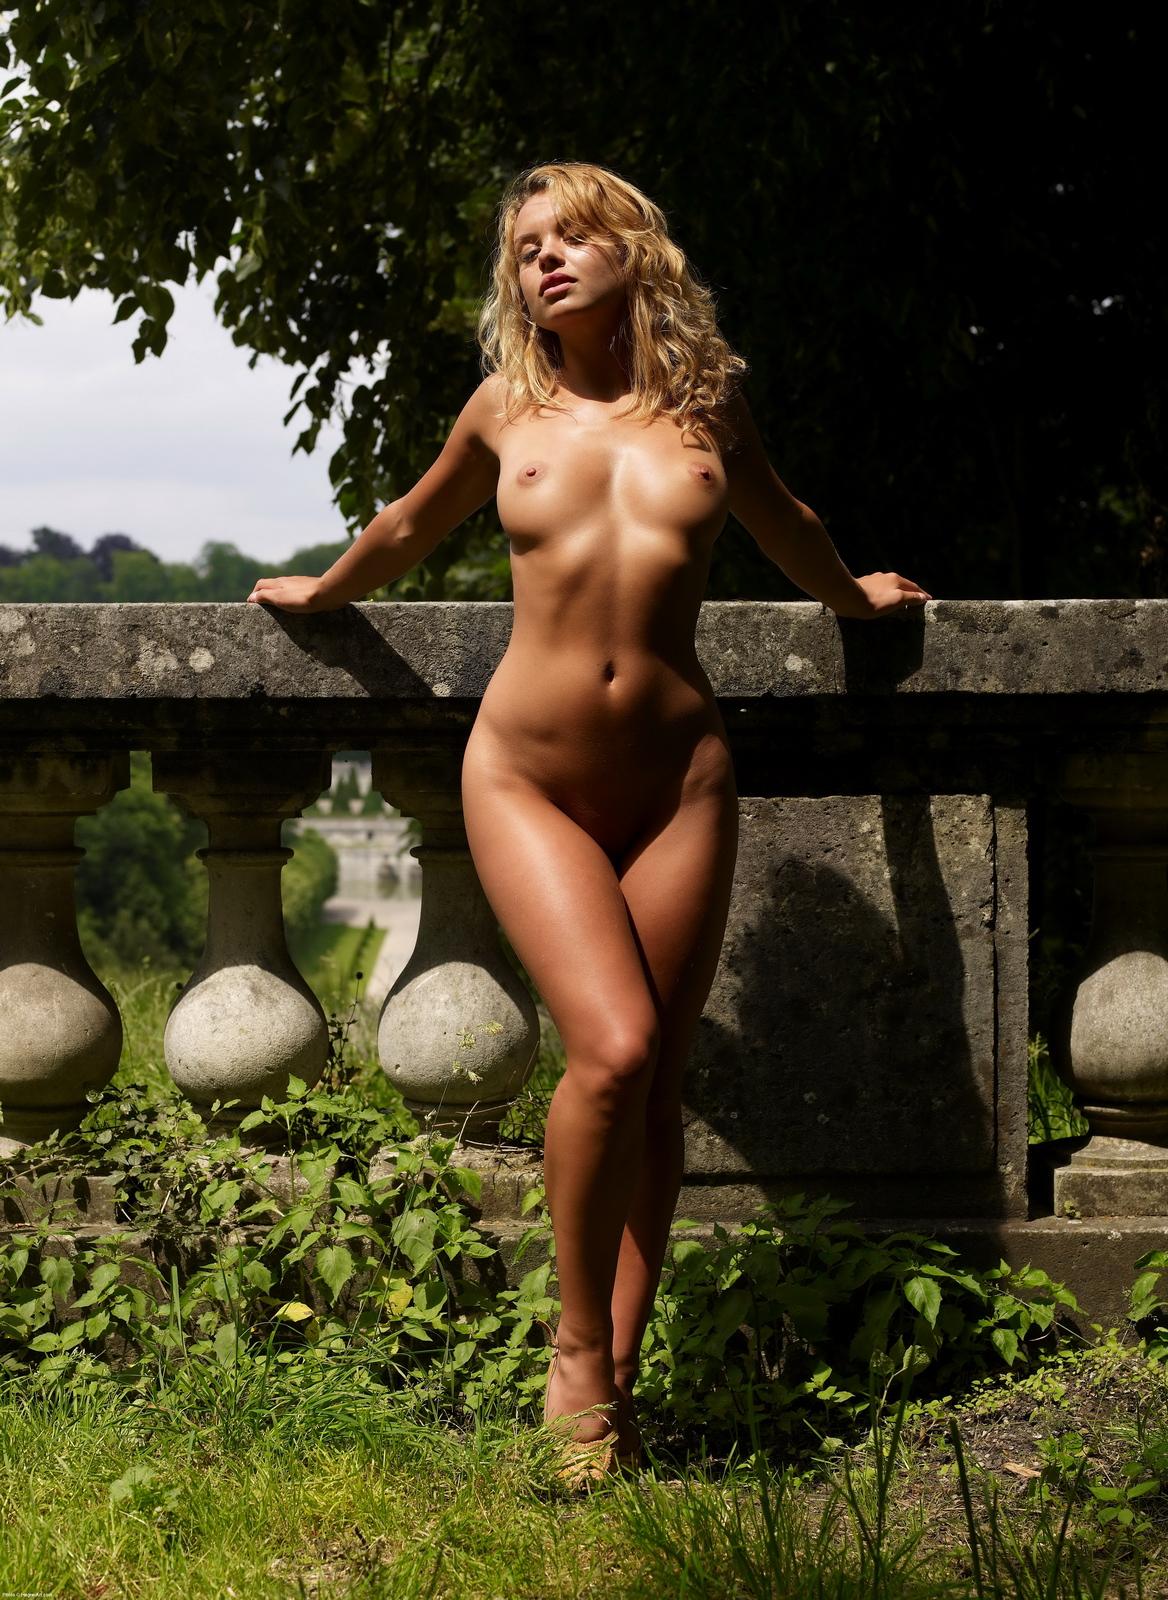 женщины с бедрами фото голые интересного развратного